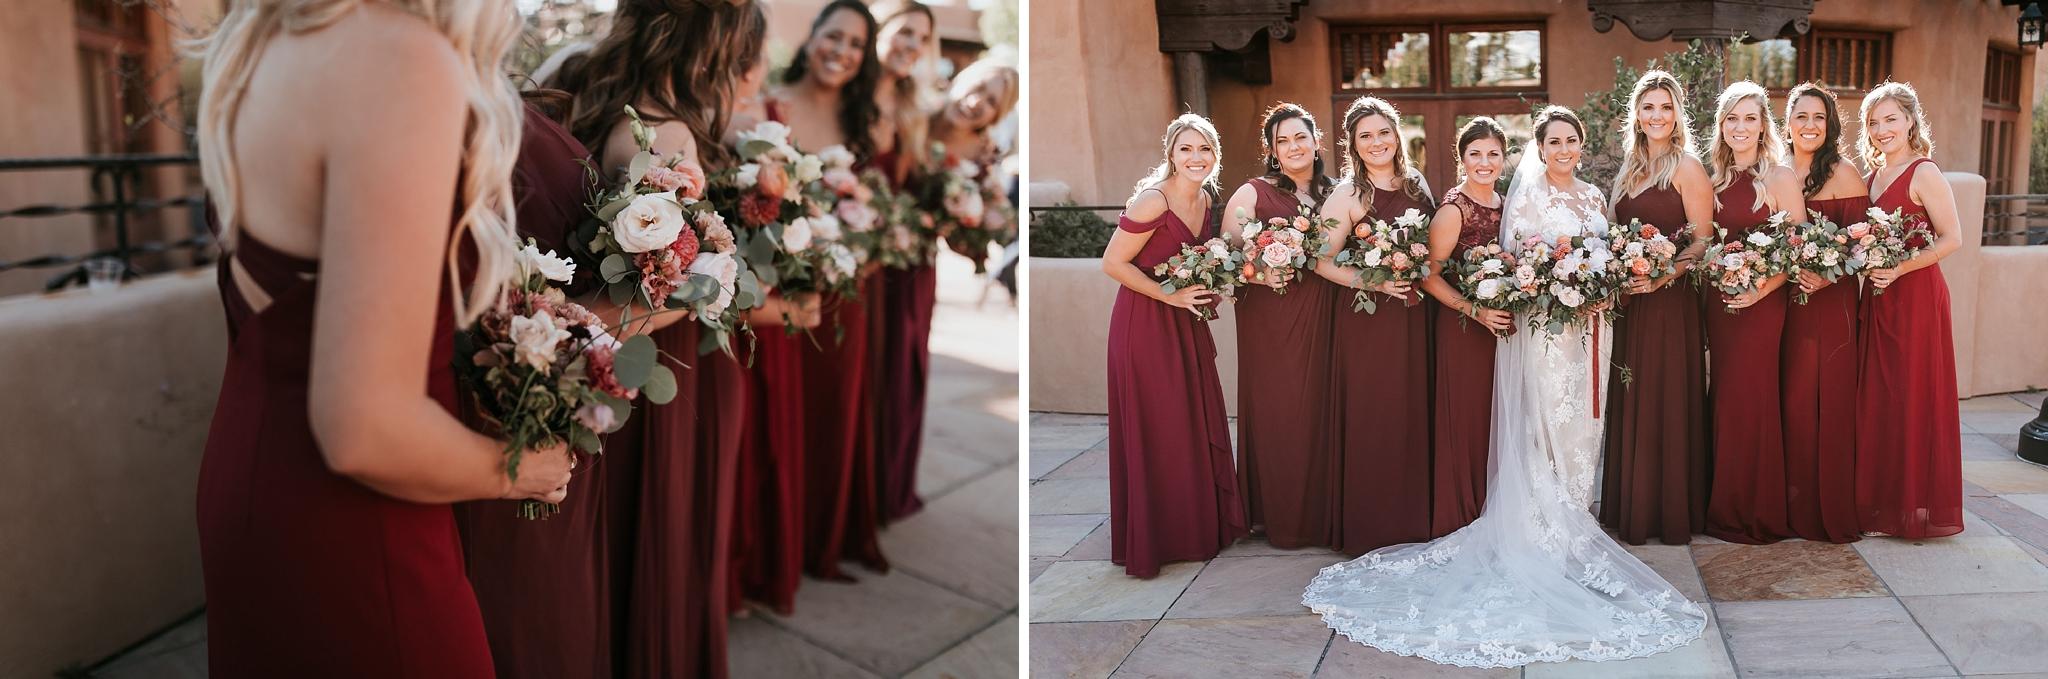 Alicia+lucia+photography+-+albuquerque+wedding+photographer+-+santa+fe+wedding+photography+-+new+mexico+wedding+photographer+-+new+mexico+wedding+-+new+mexico+wedding+-+colorado+wedding+-+bridesmaids+-+bridesmaid+style_0052.jpg